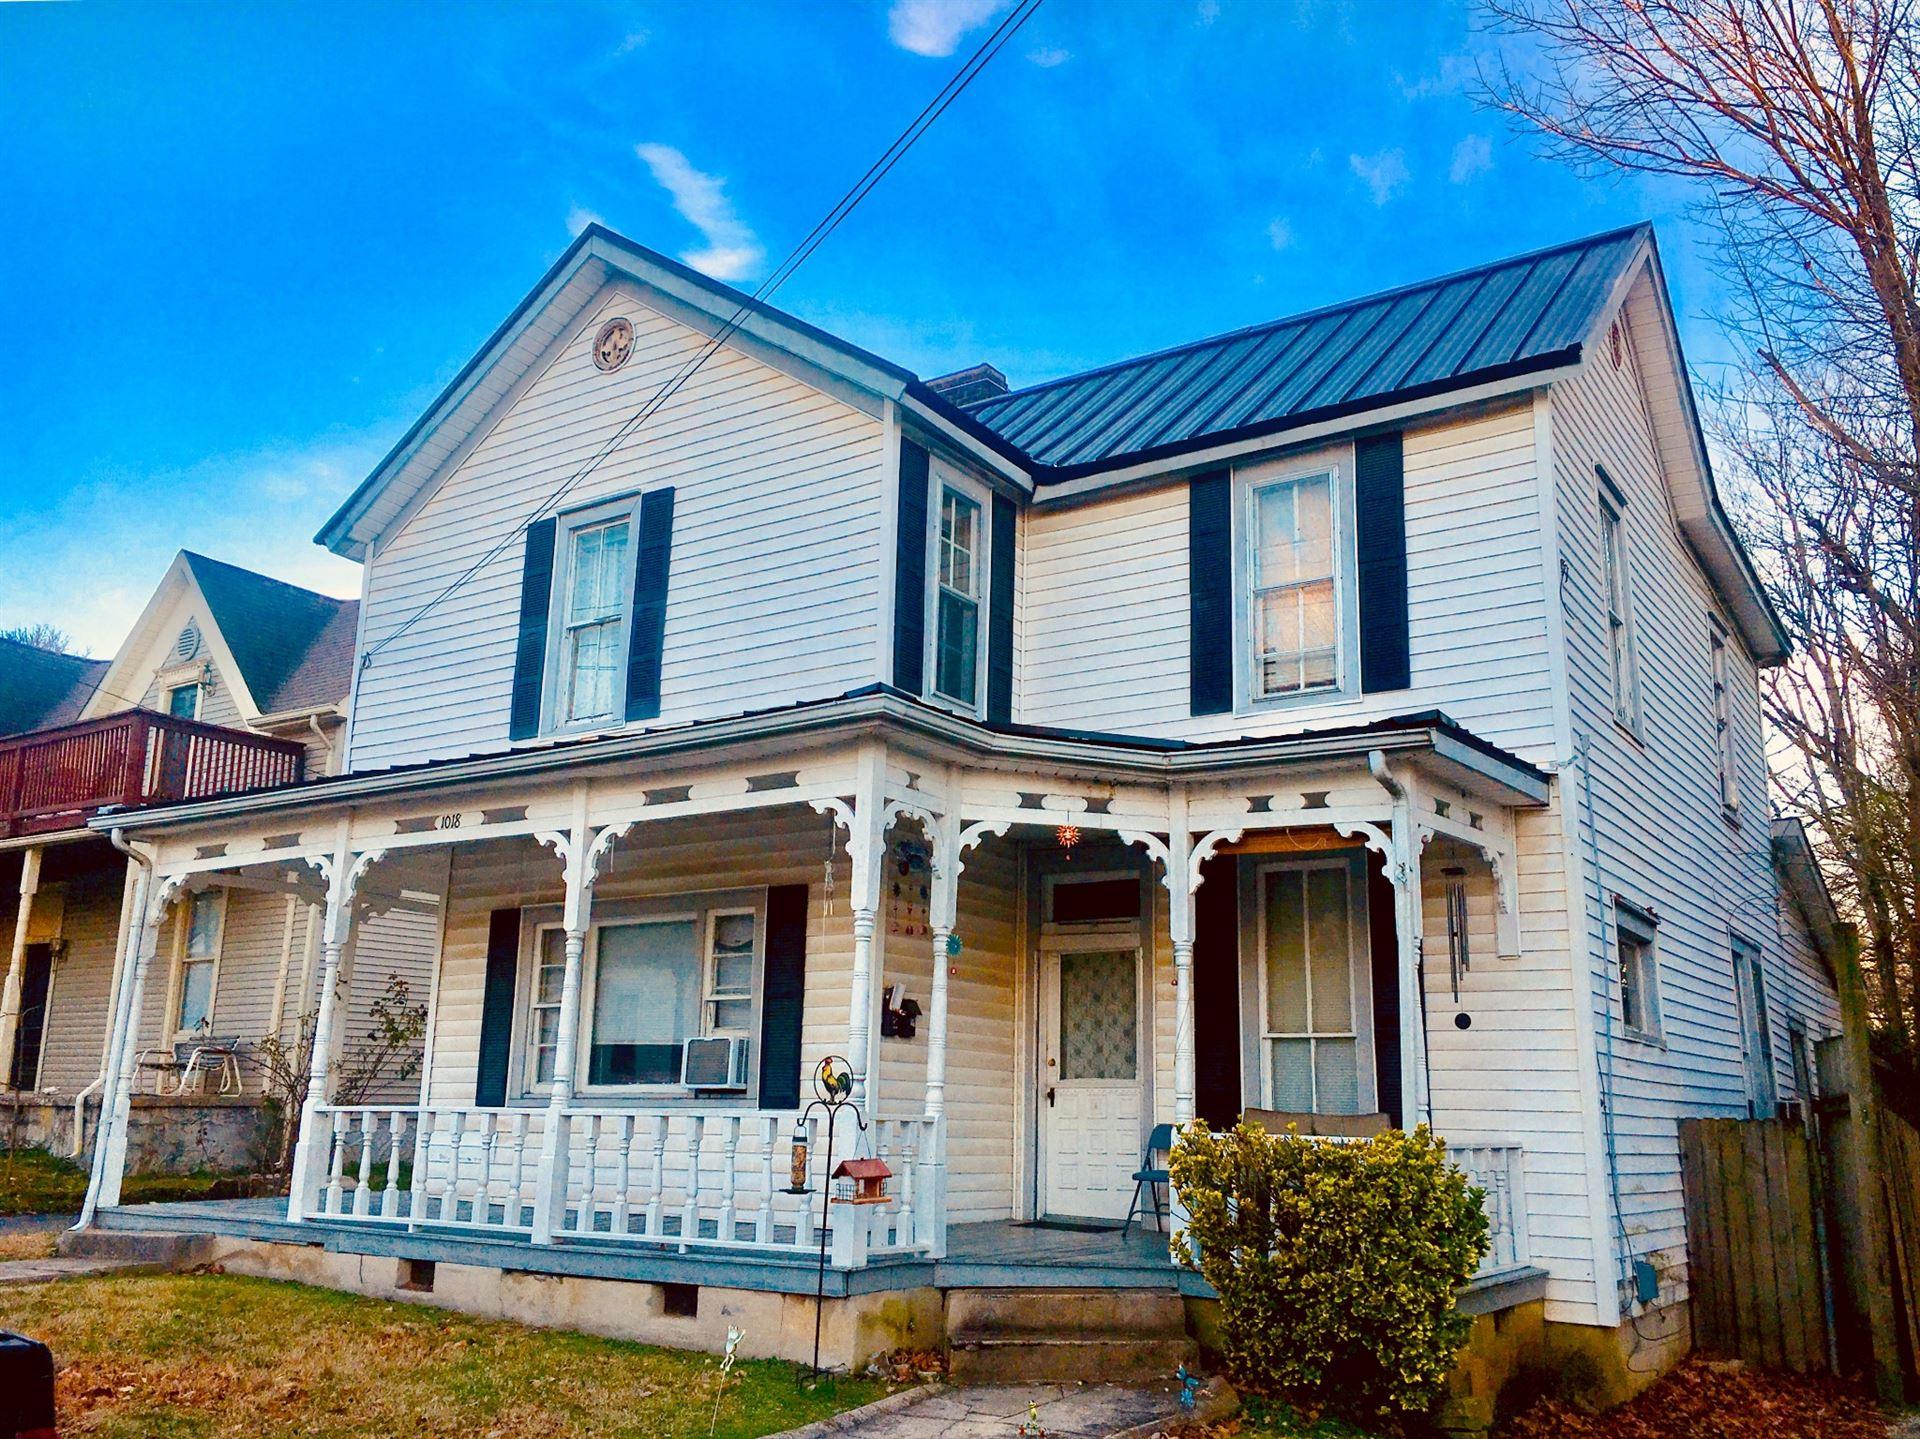 1018 S High St, Columbia, TN 38401 - MLS#: 2297444